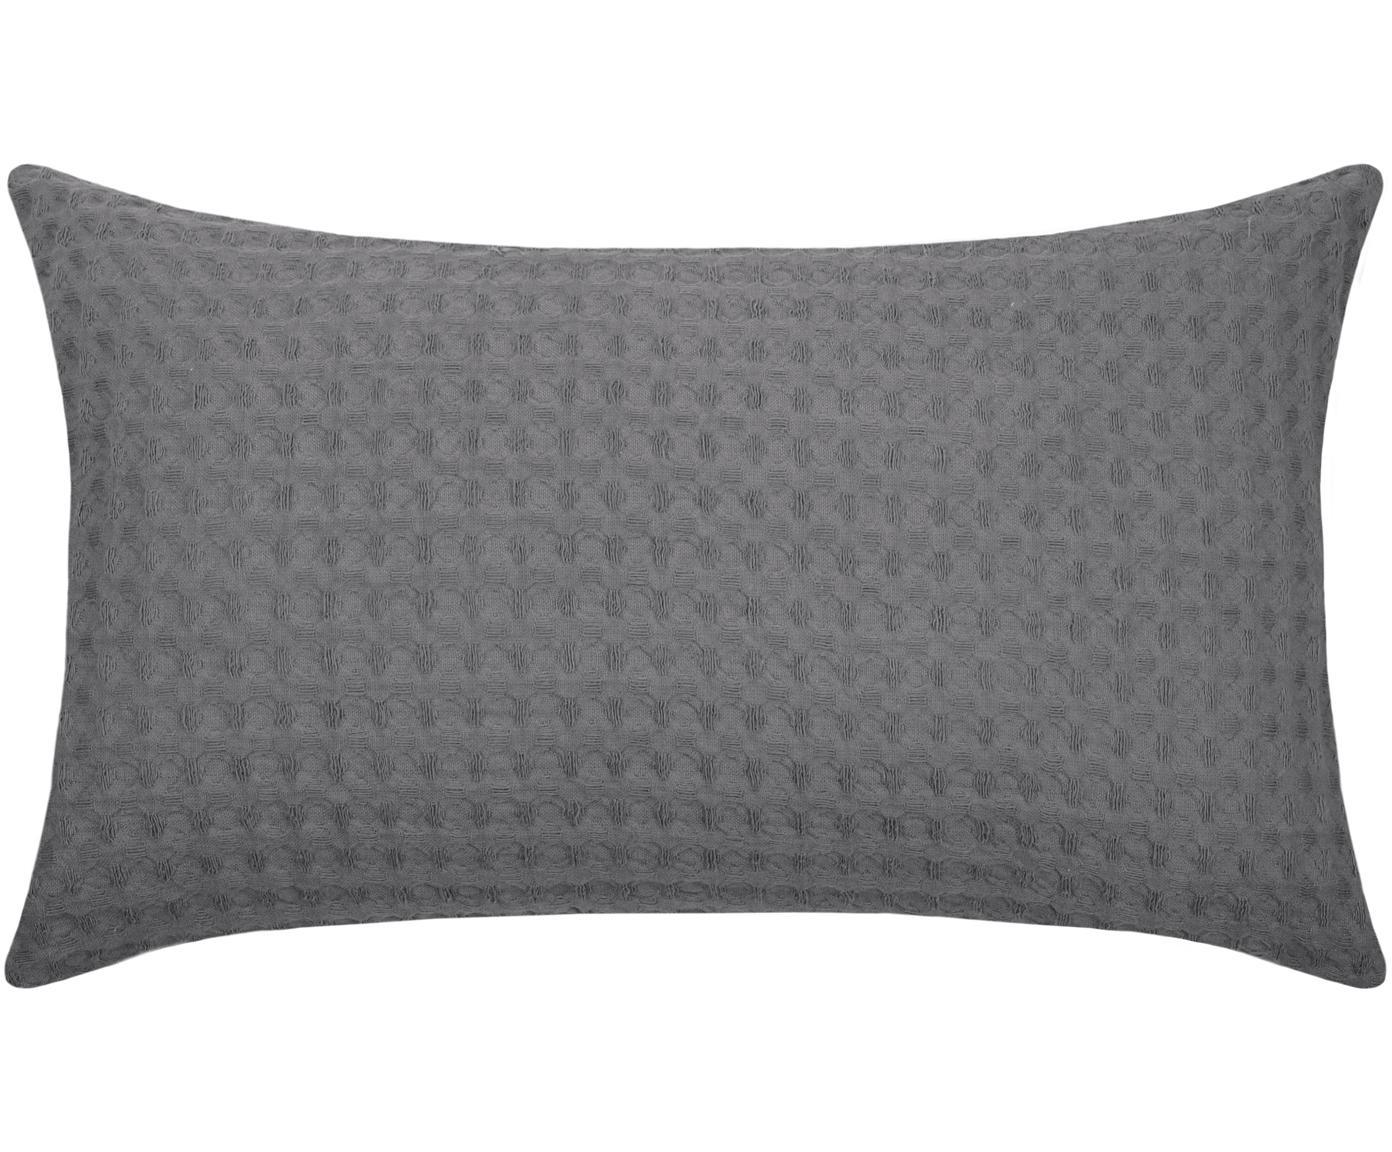 Waffelpiqué-Kissen Gopher in Grau, mit Inlett, Bezug: Baumwolle, Grau, 30 x 50 cm